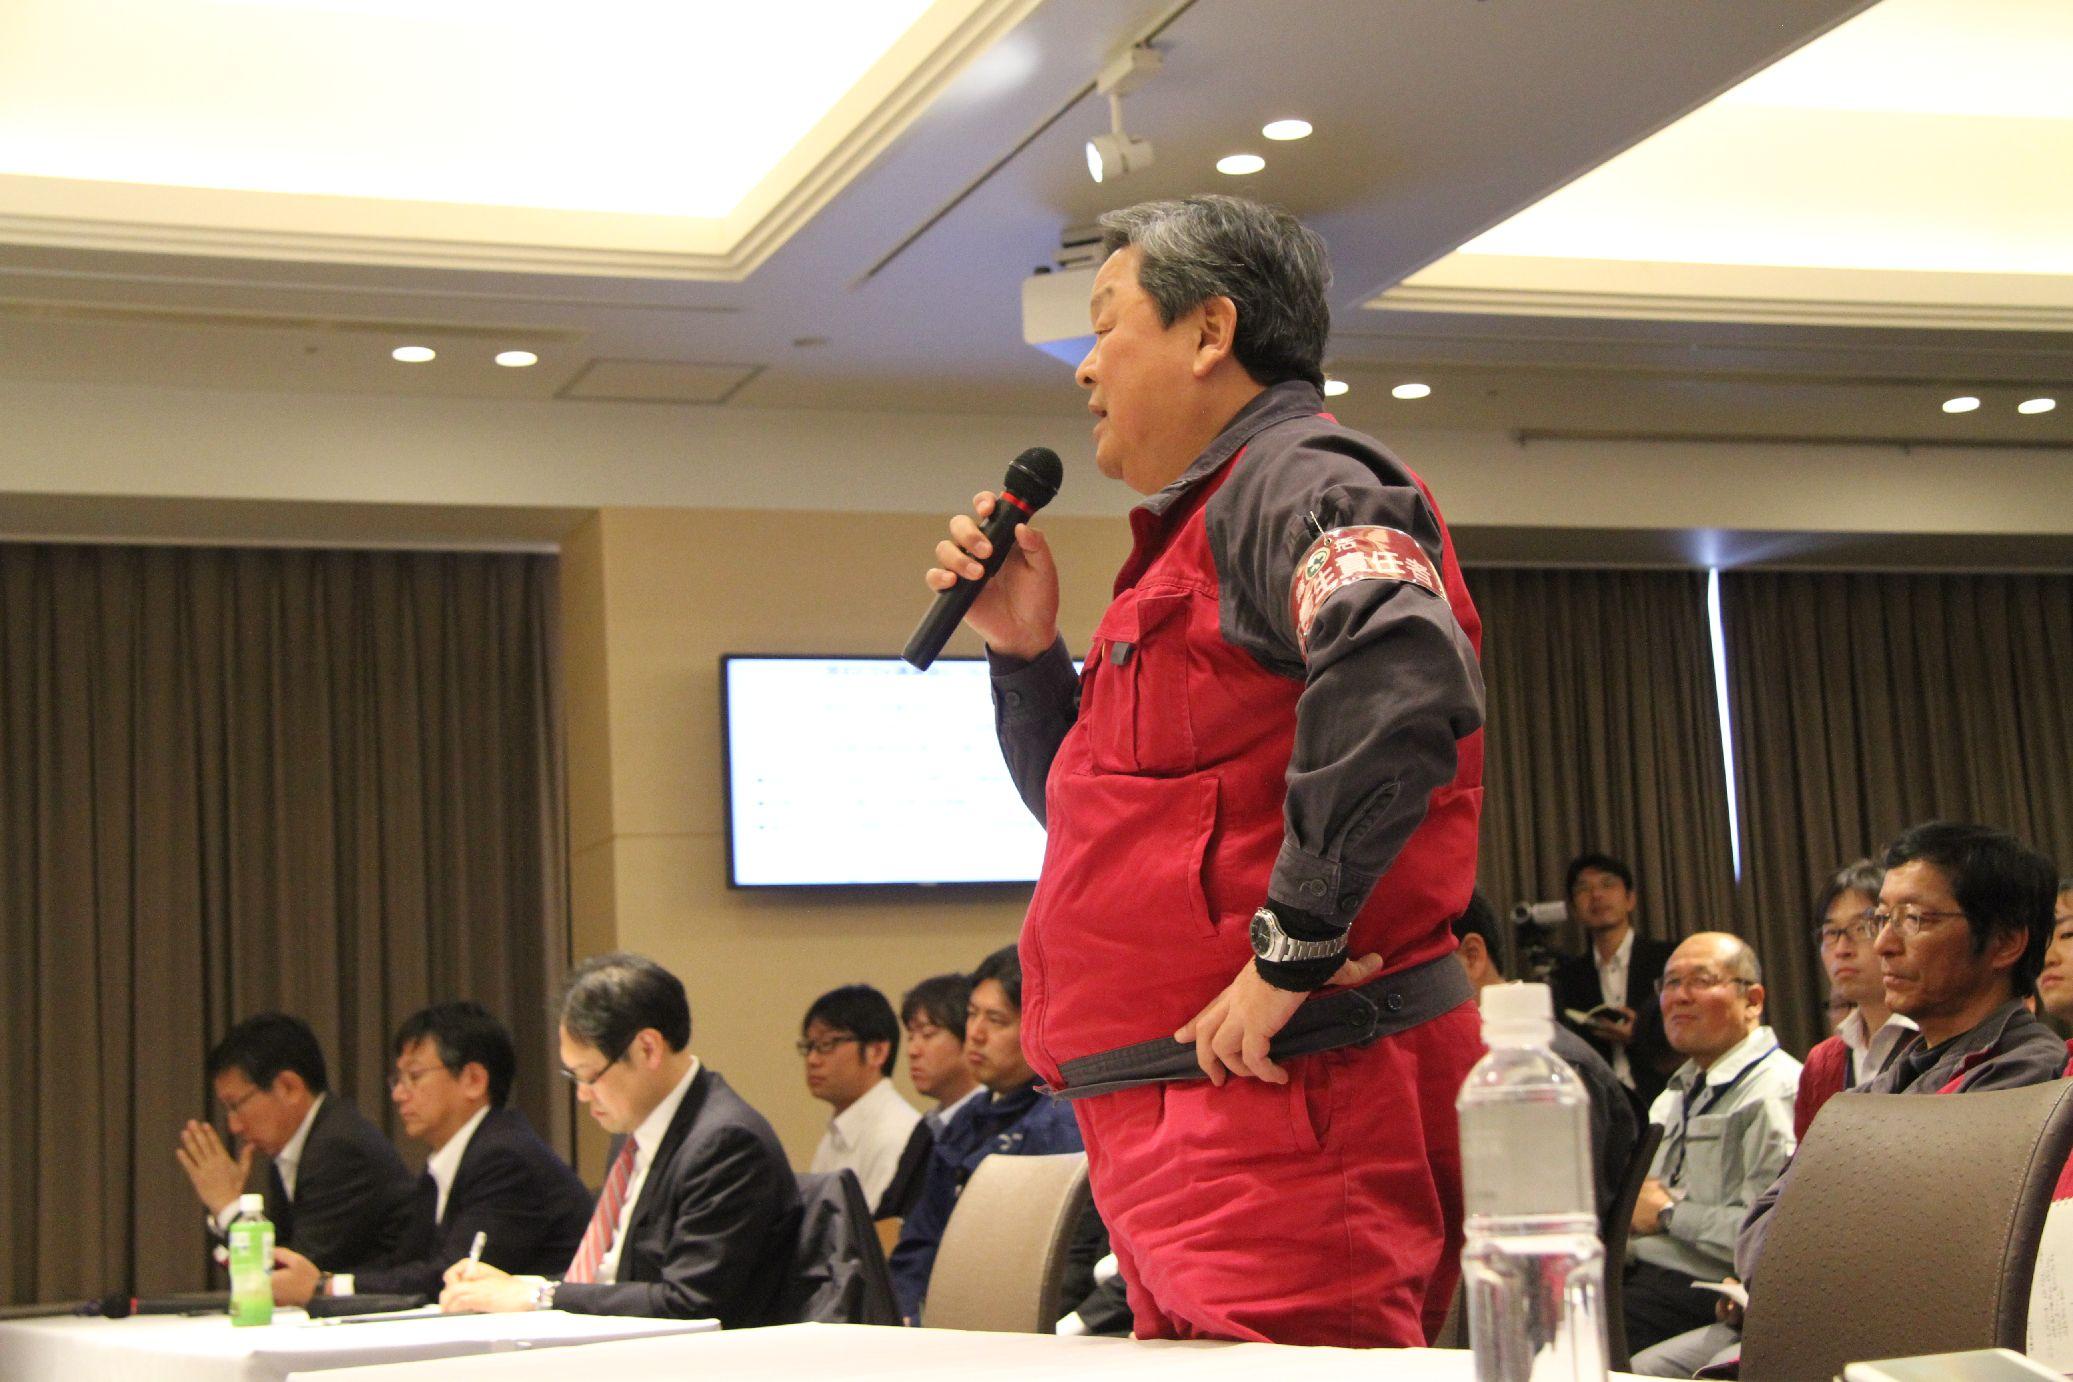 常石造船 川北雅弘 取締役工場長からの質問や感想